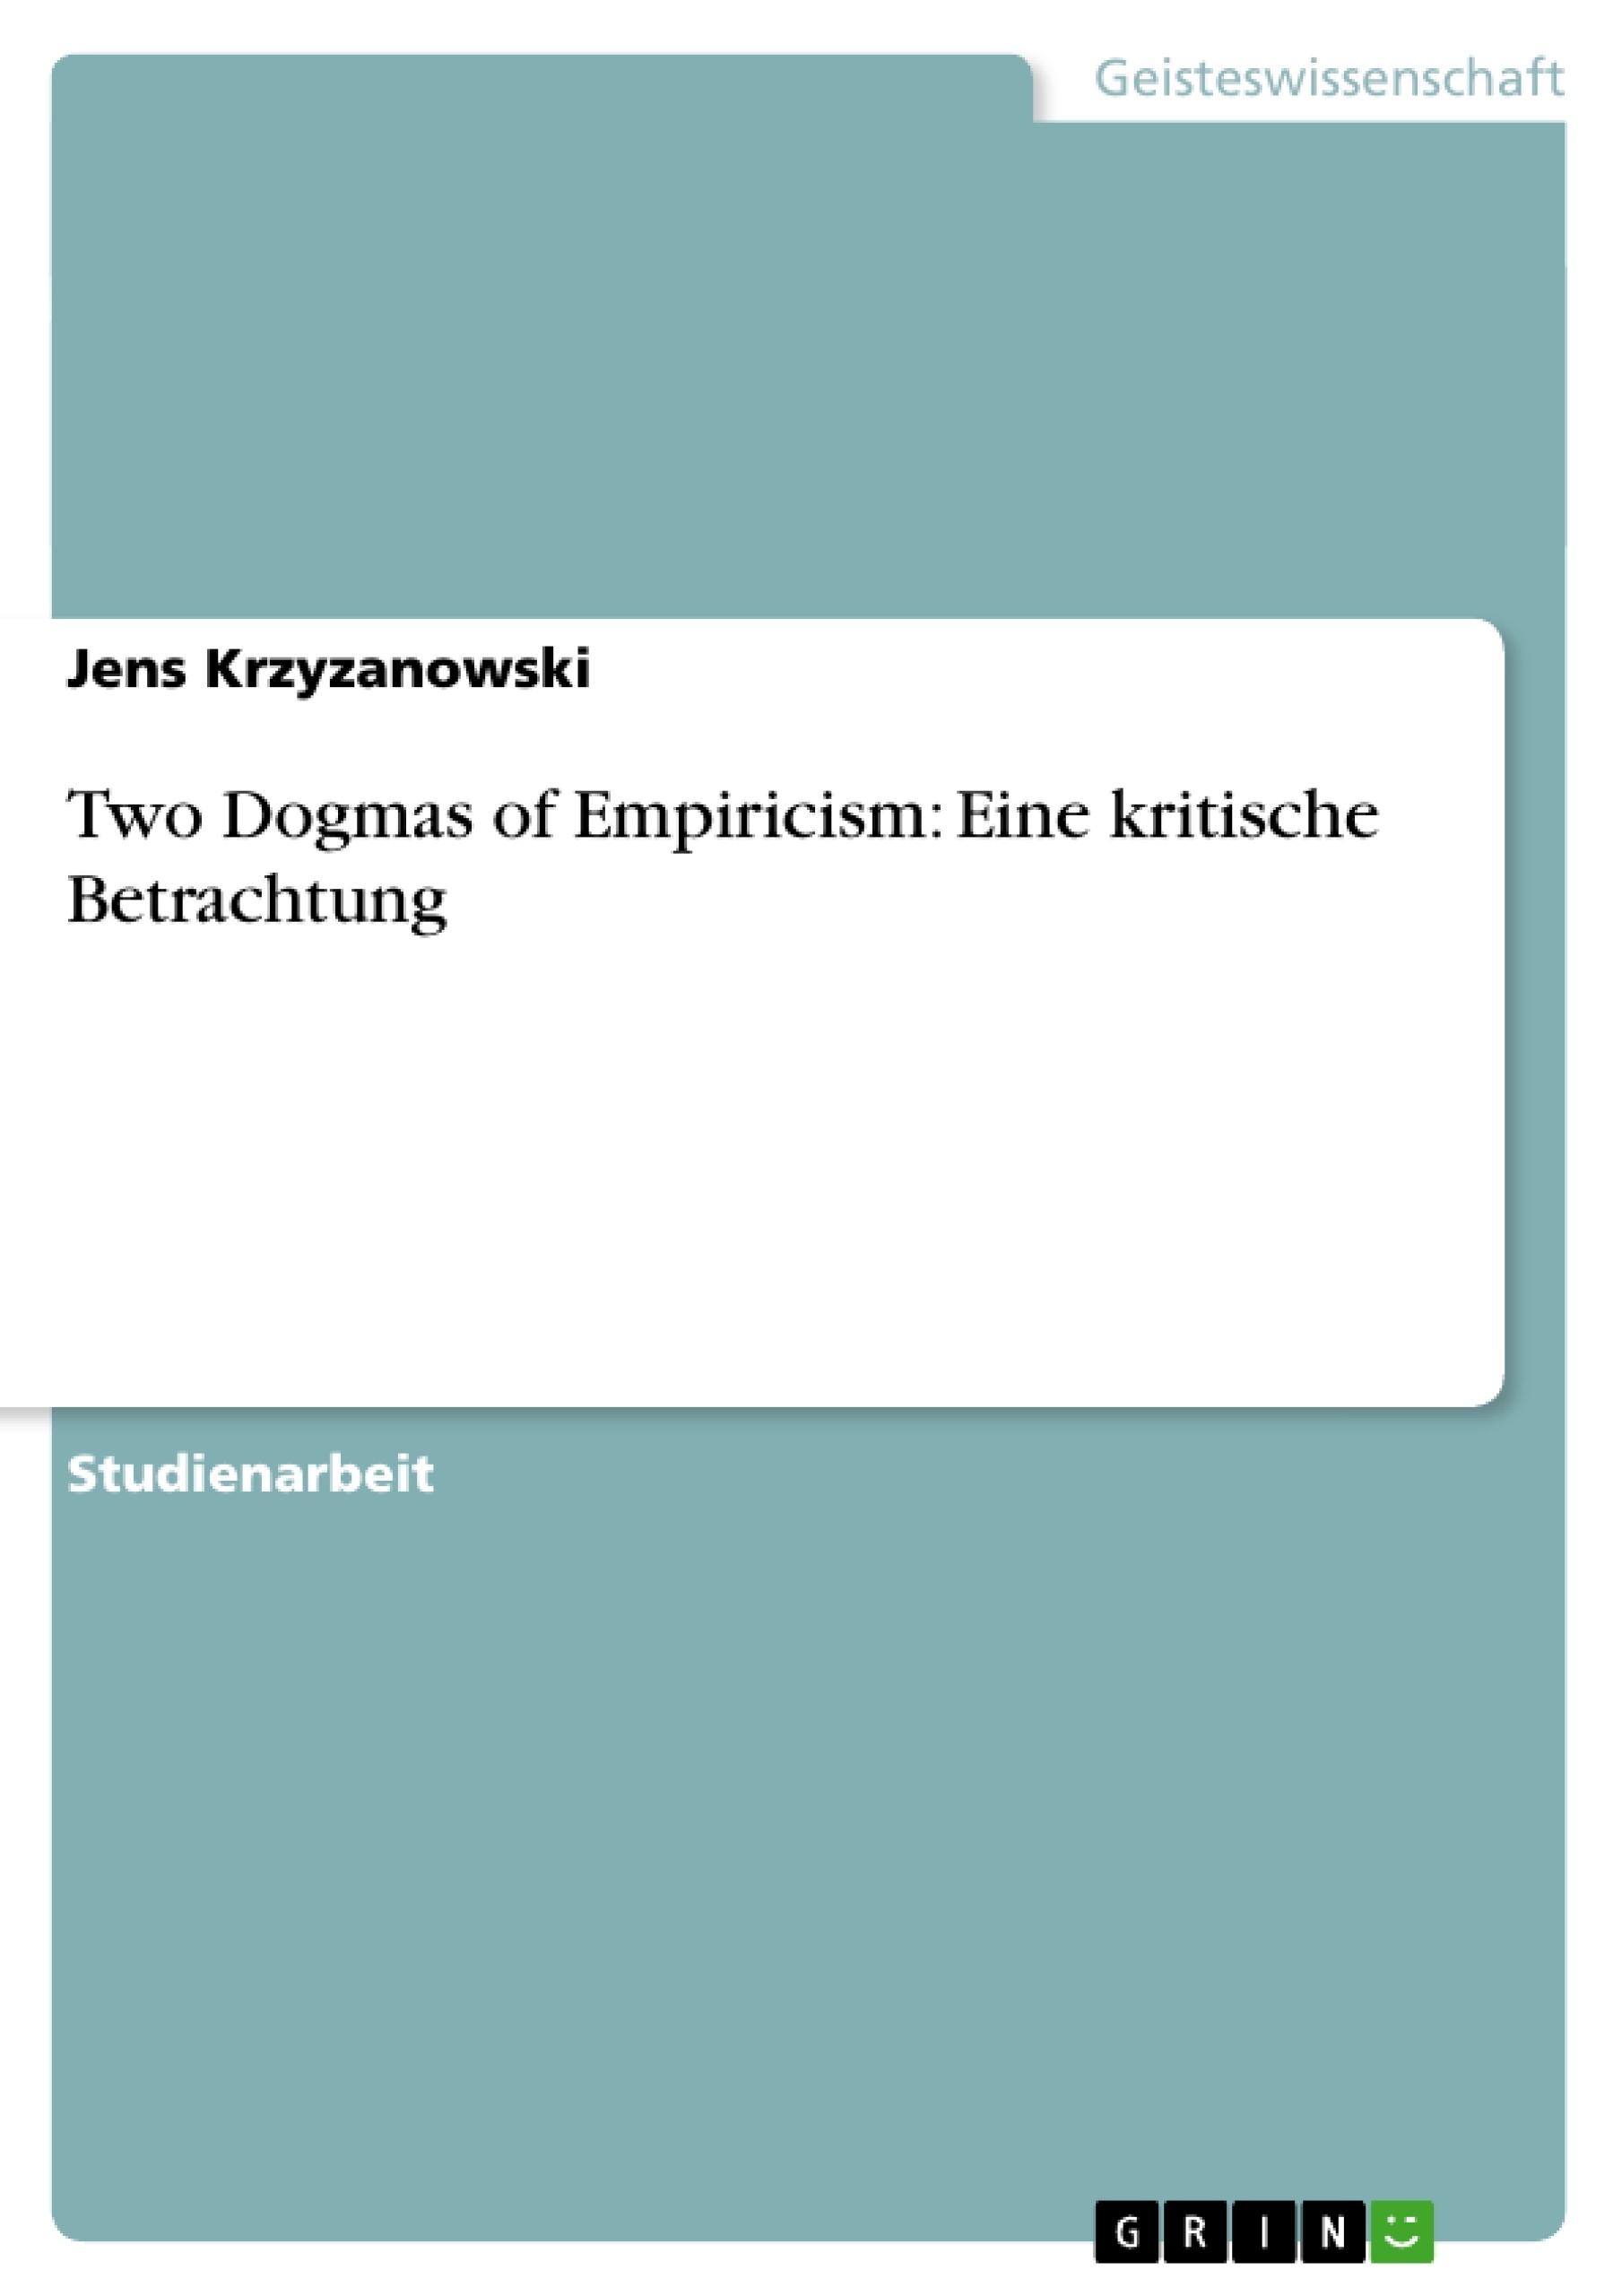 Titel: Two Dogmas of Empiricism: Eine kritische Betrachtung